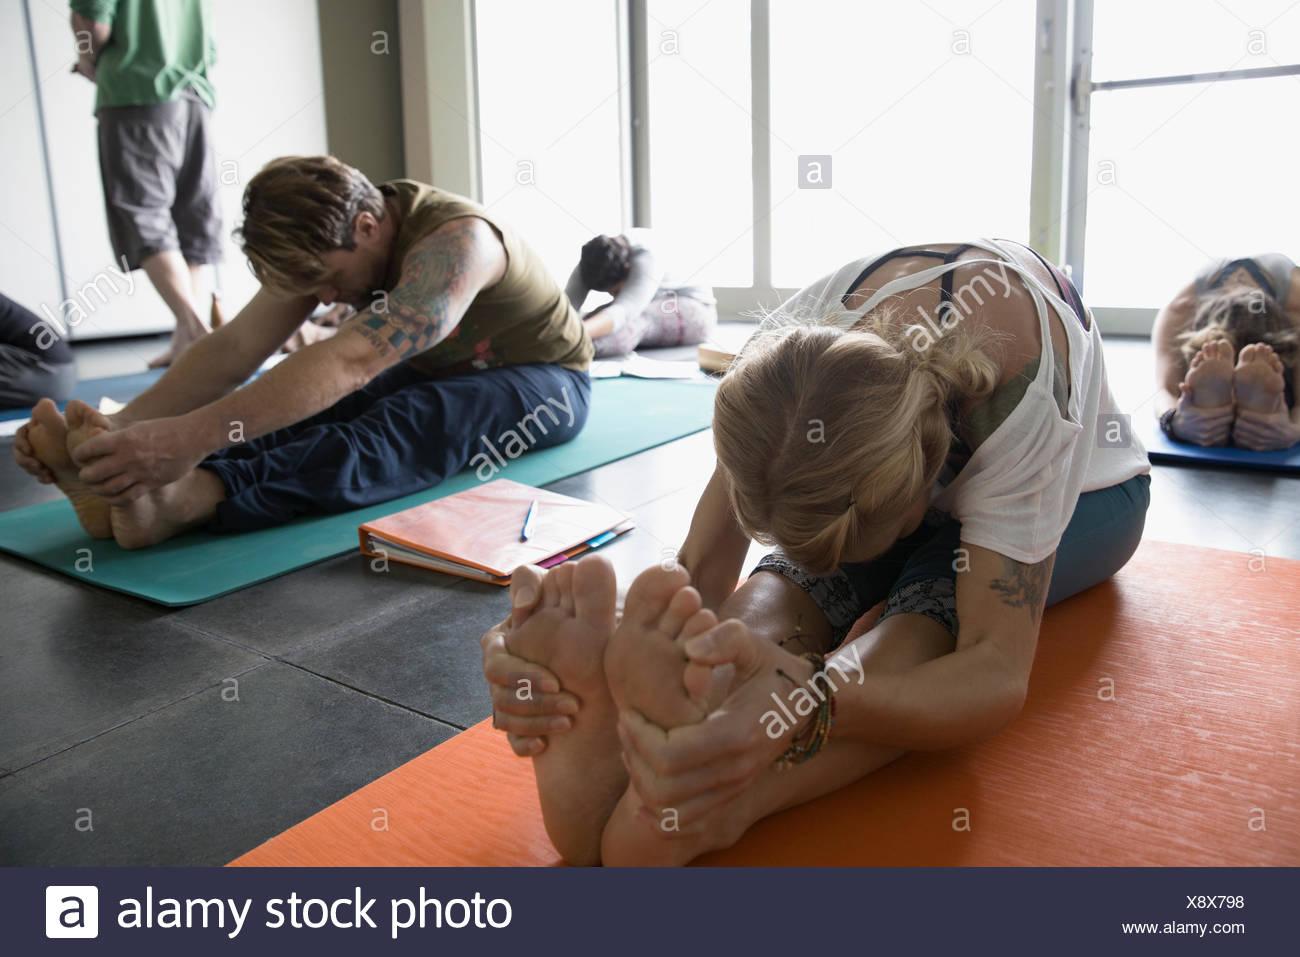 Woman practicing yoga seated fold in yoga class studio - Stock Image